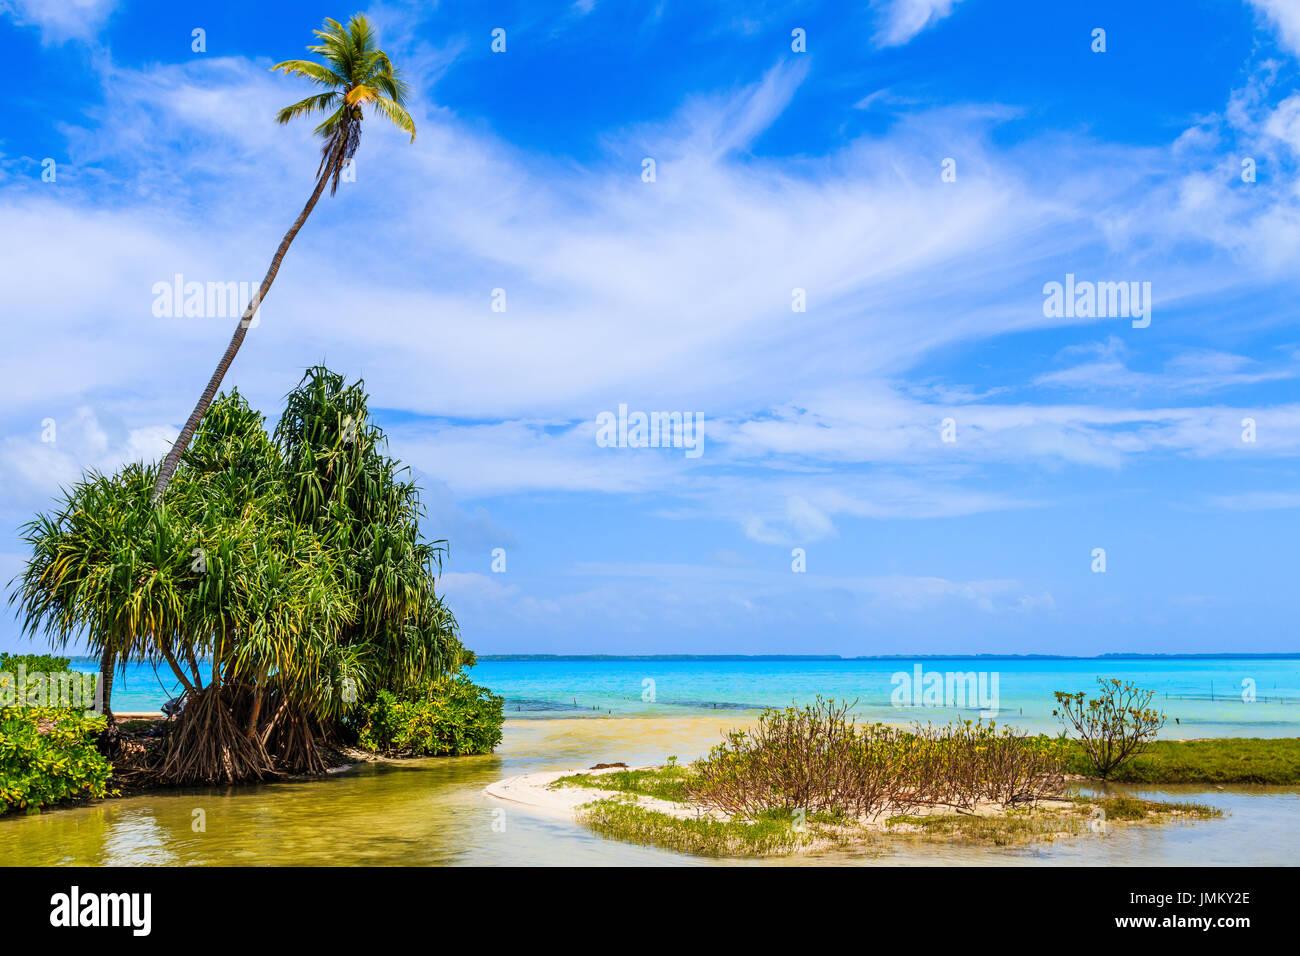 Tabuaeran, Fanning Island, Republic of Kiribati.Tabuaeran beach on the Fanning Island, Republic of Kiribati - Stock Image